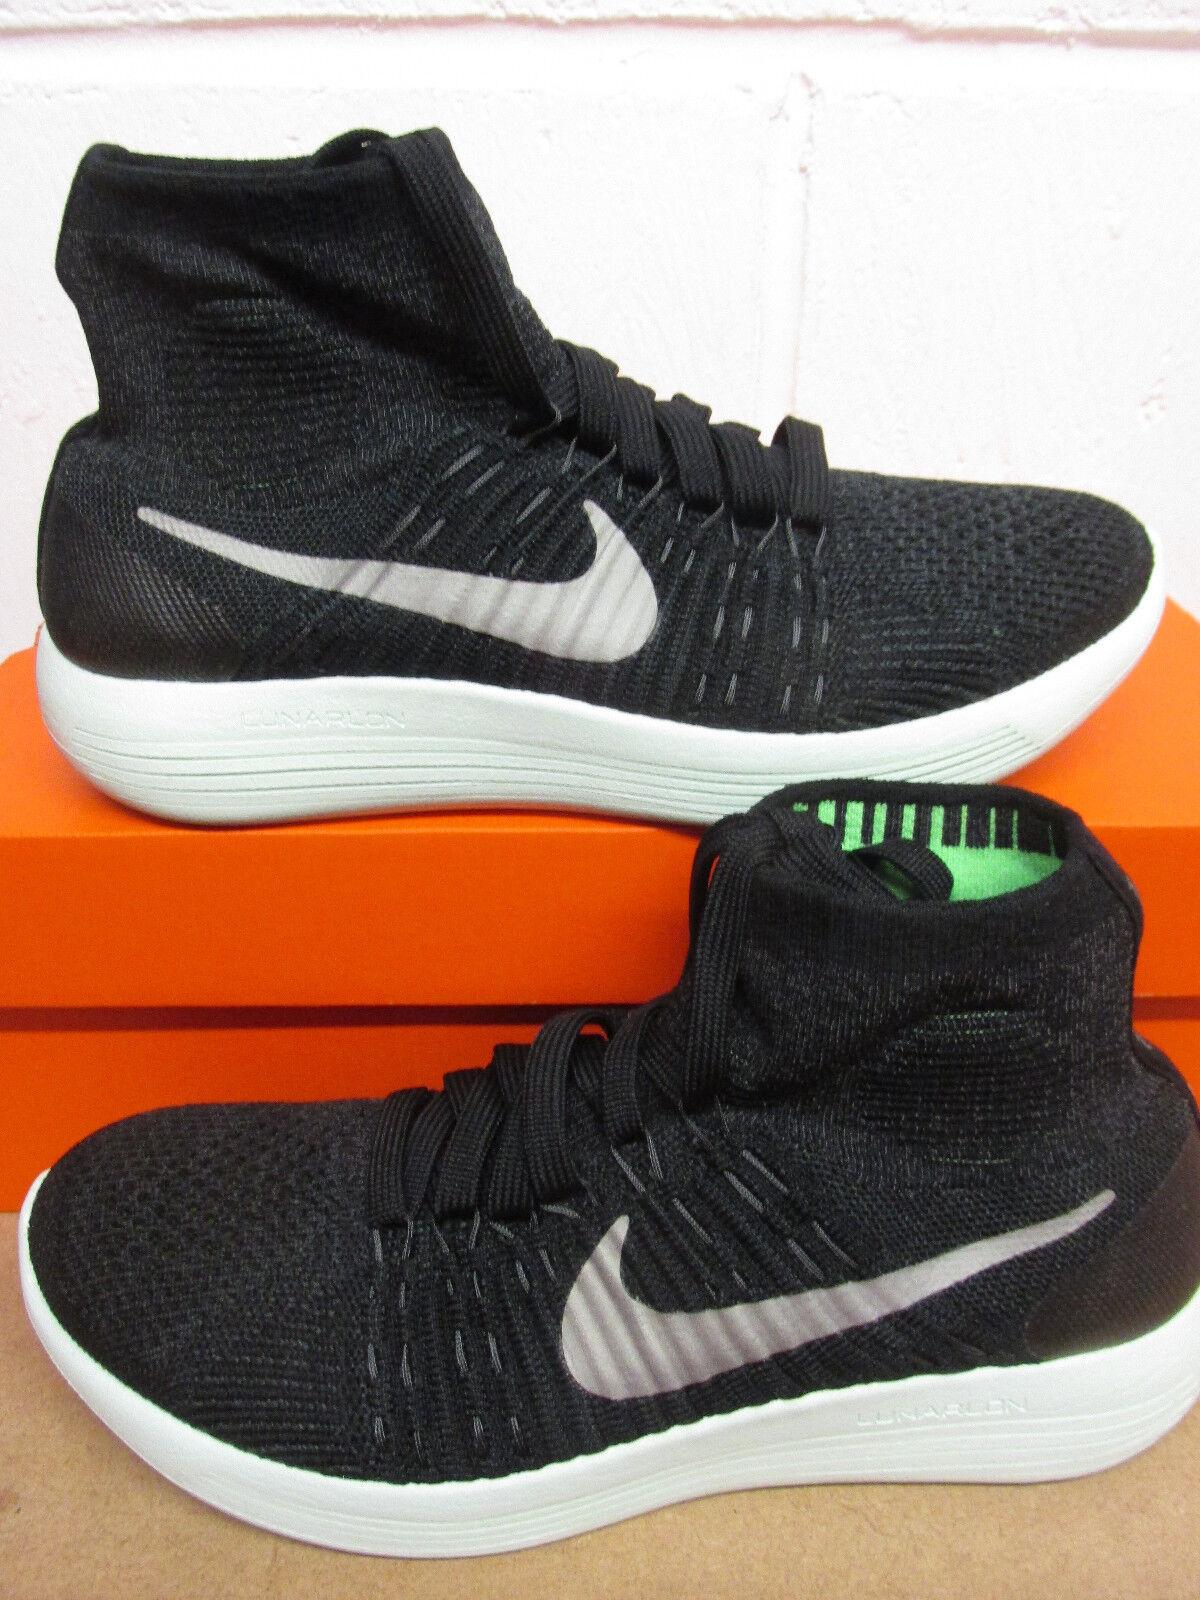 Nike Donna Lunarepic Lunarepic Lunarepic Flyknit Lb Scarpe da Corsa 827403 003 Scarpe da Tennis 7b6389